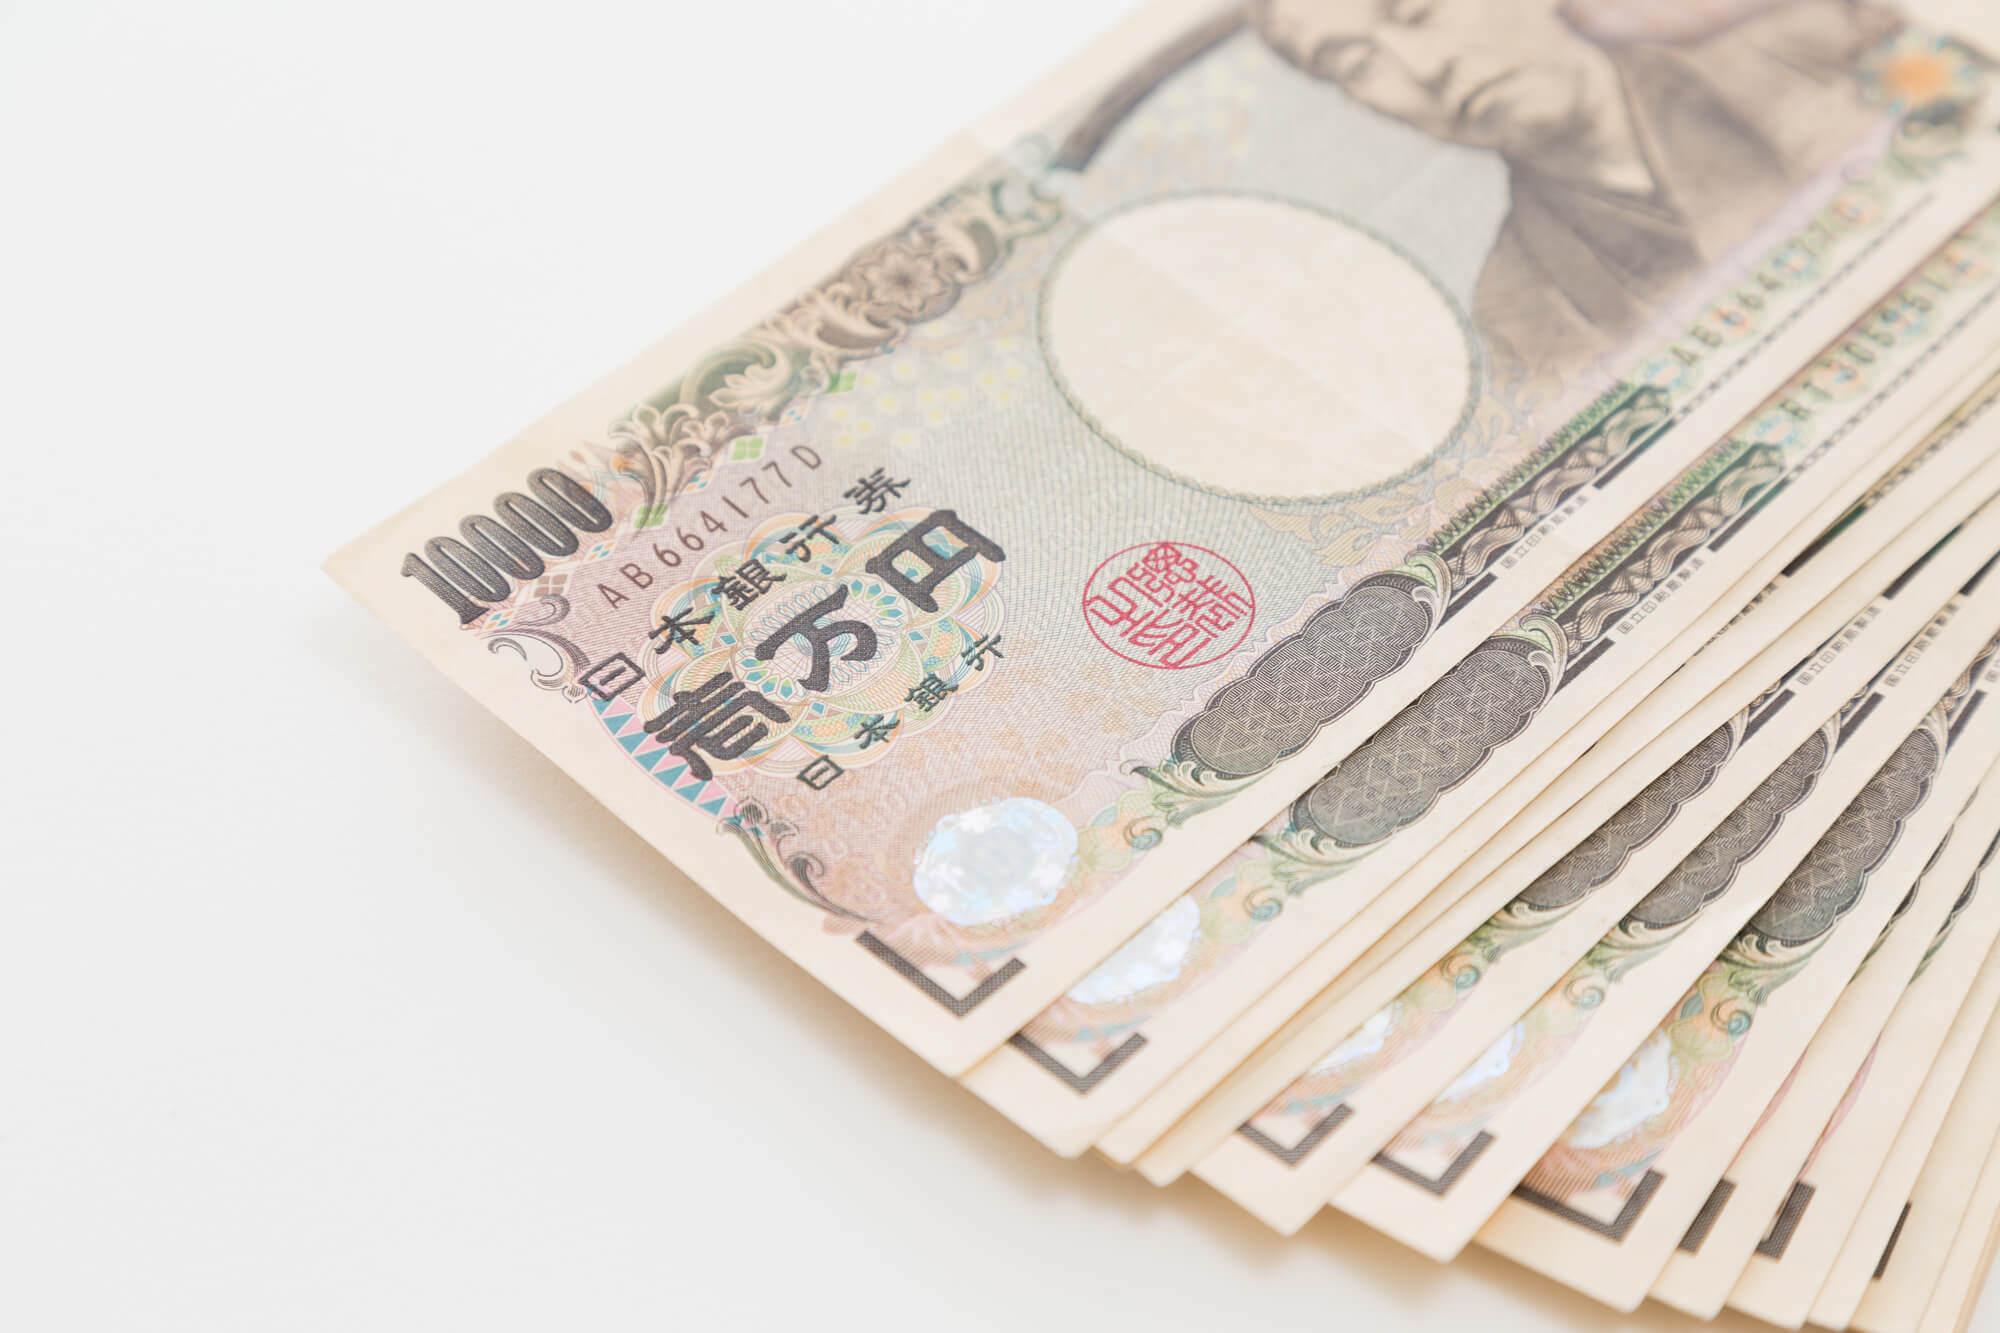 旧1万円札にはどれくらいの価値がある?1万円の種類と古銭買取事情